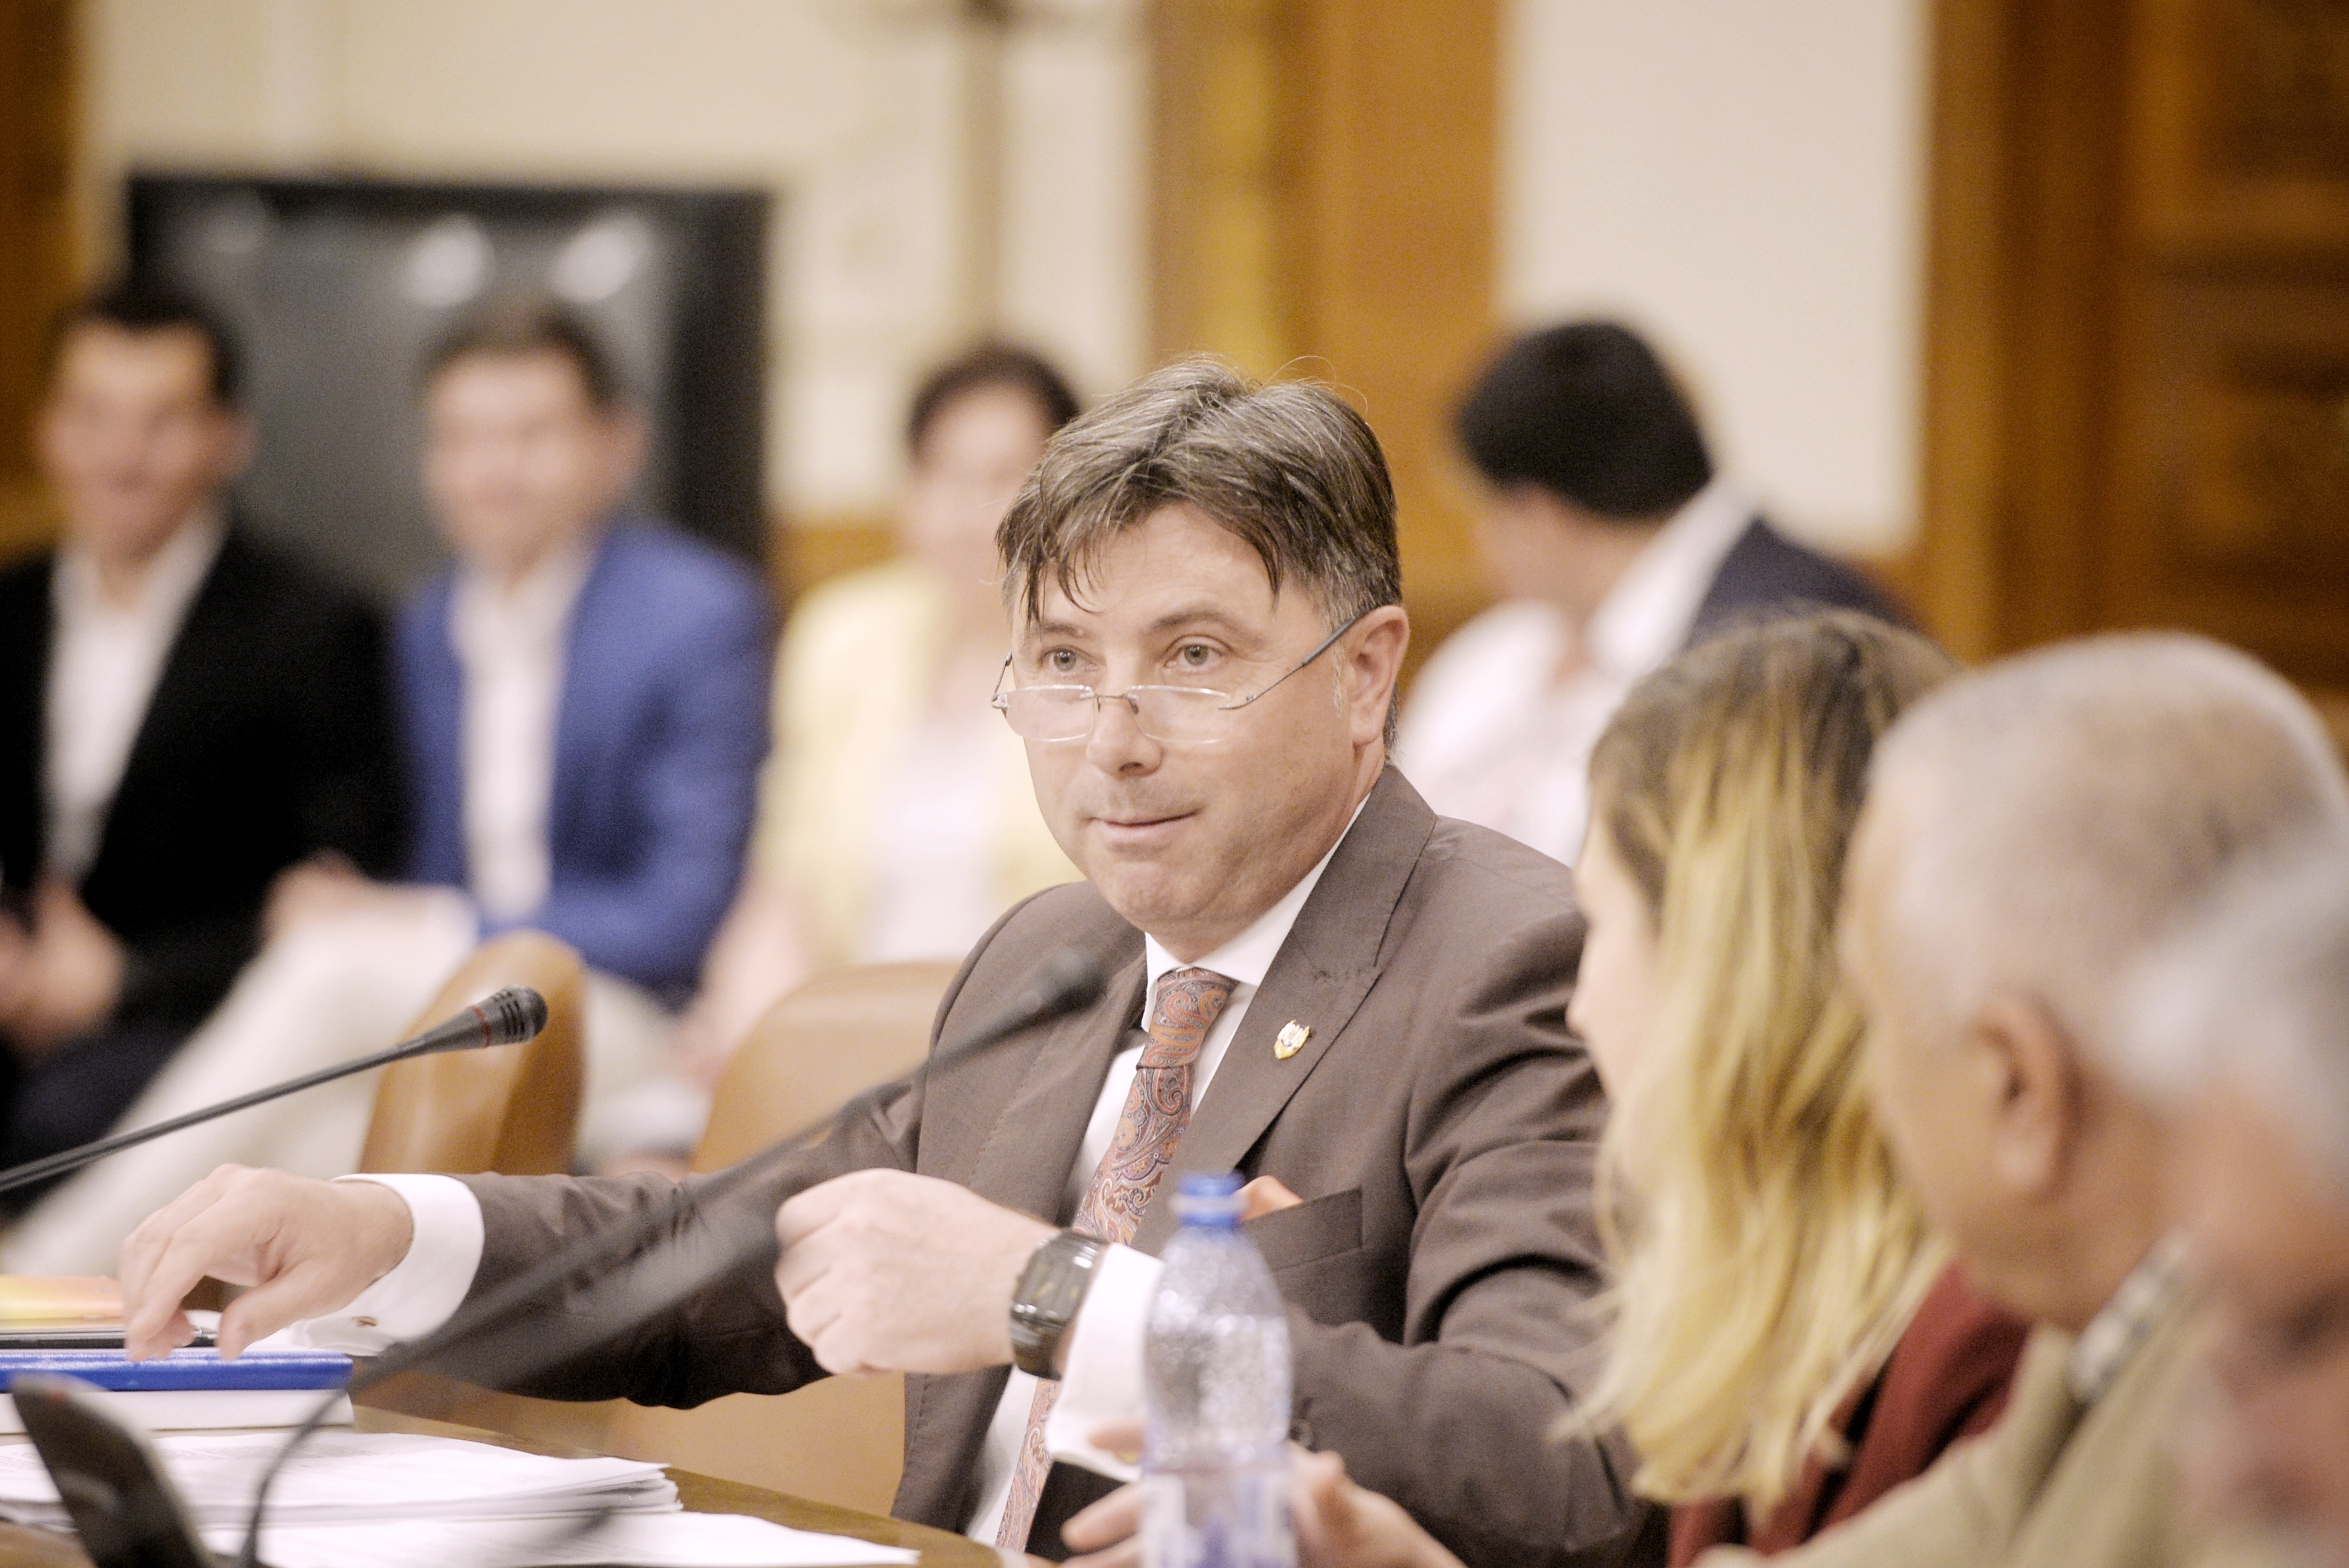 Comisia Juridică din Senat a respins cererea DNA de urmărire penală a ministrului Viorel Ilie. Cum s-a apărat demnitarul în faţa comisiei şi de unde a venit susţinerea